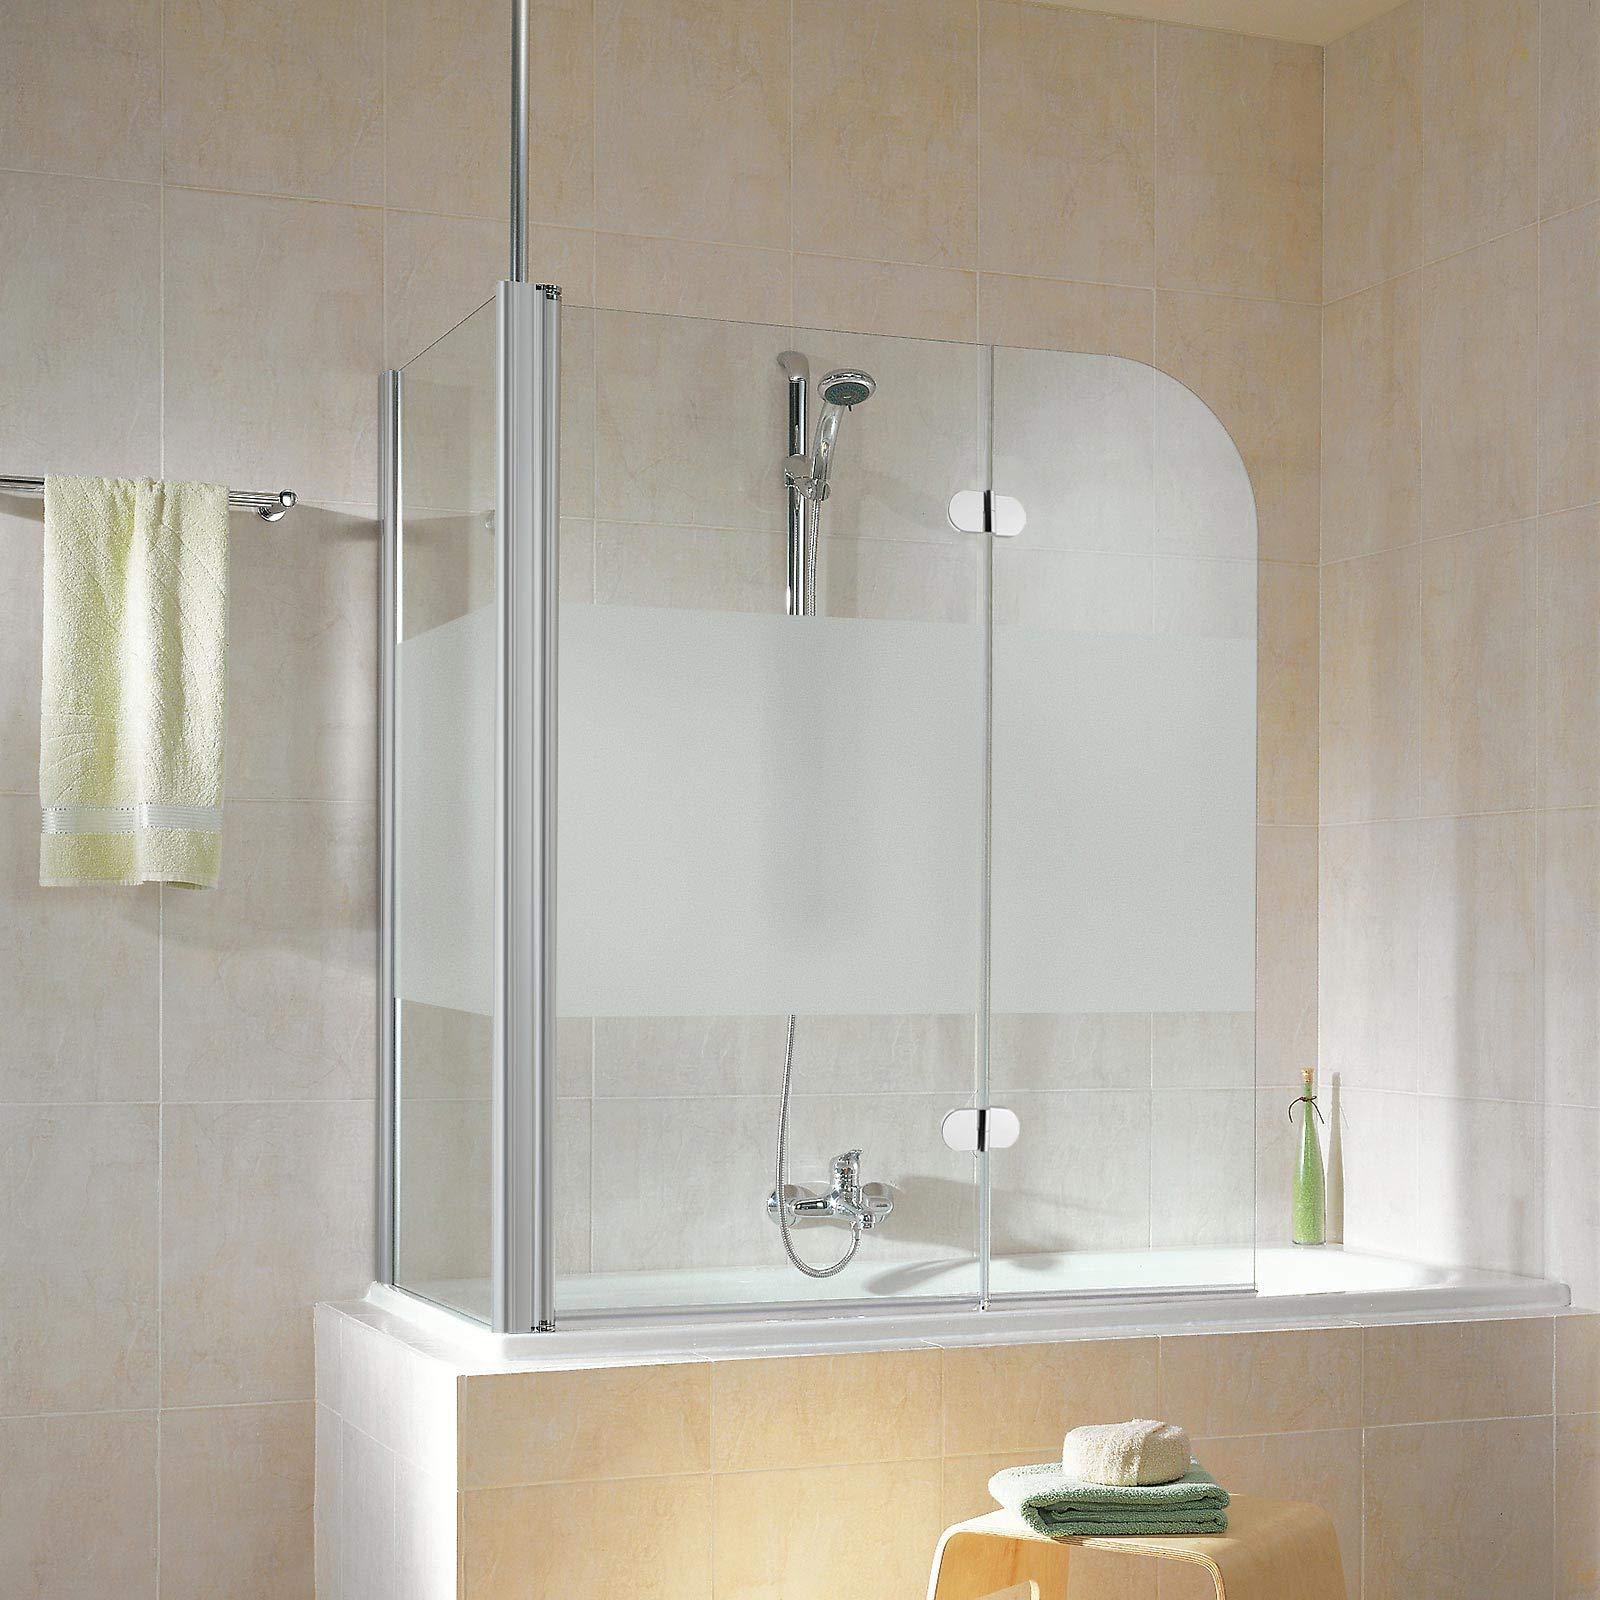 Schulte D81101 01 100 32 5 Garant - Mampara de ducha con pared lateral para bañera, color gris: Amazon.es: Bricolaje y herramientas